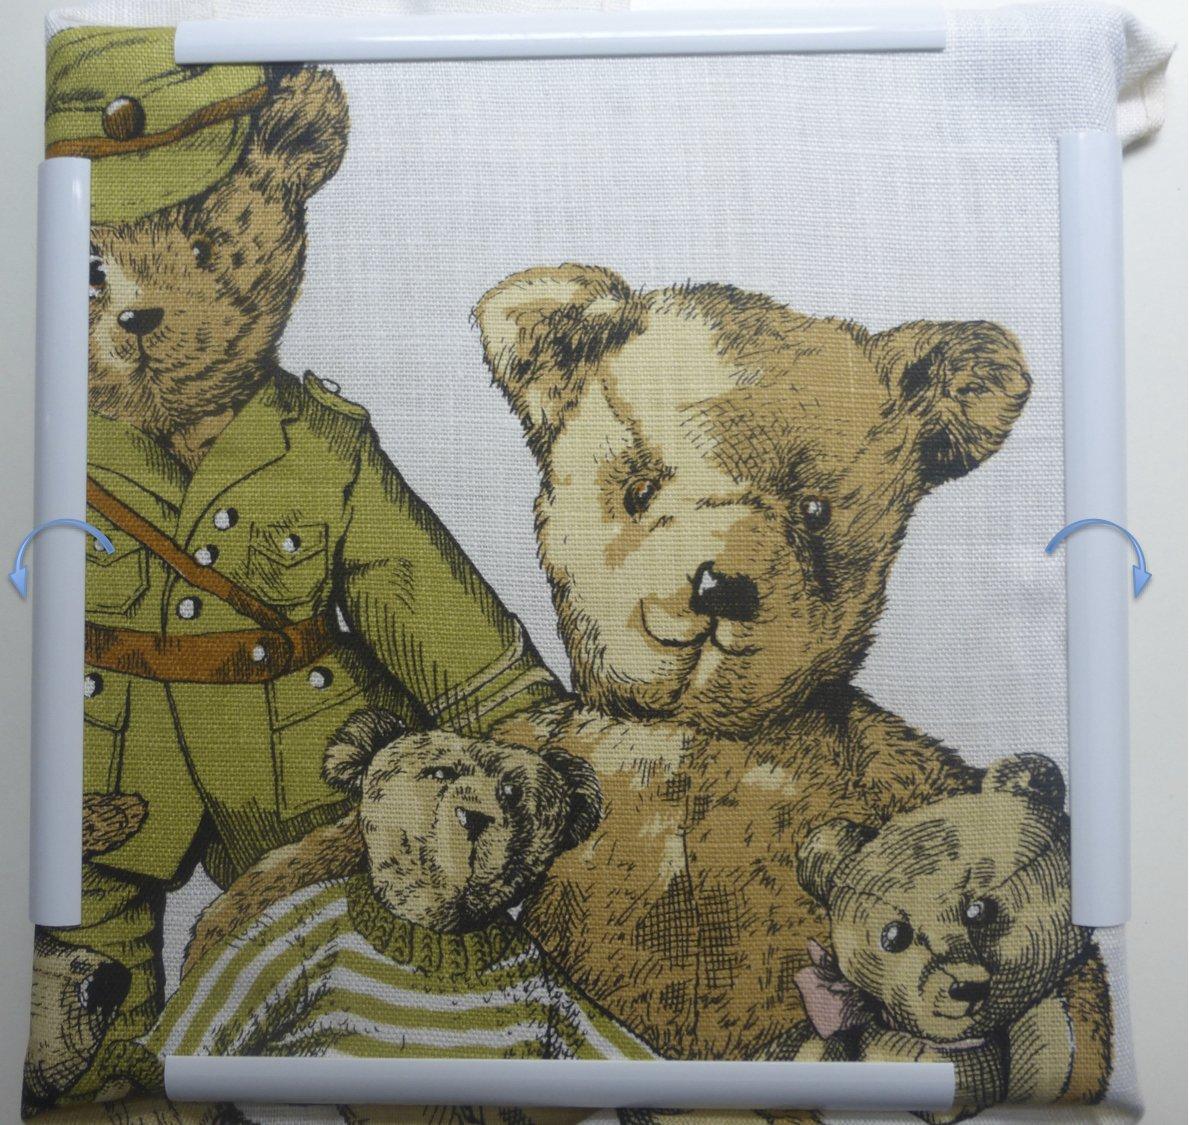 20 x 20 cm marco para el bordado, acolchar, patchwork, punto de cruz ...